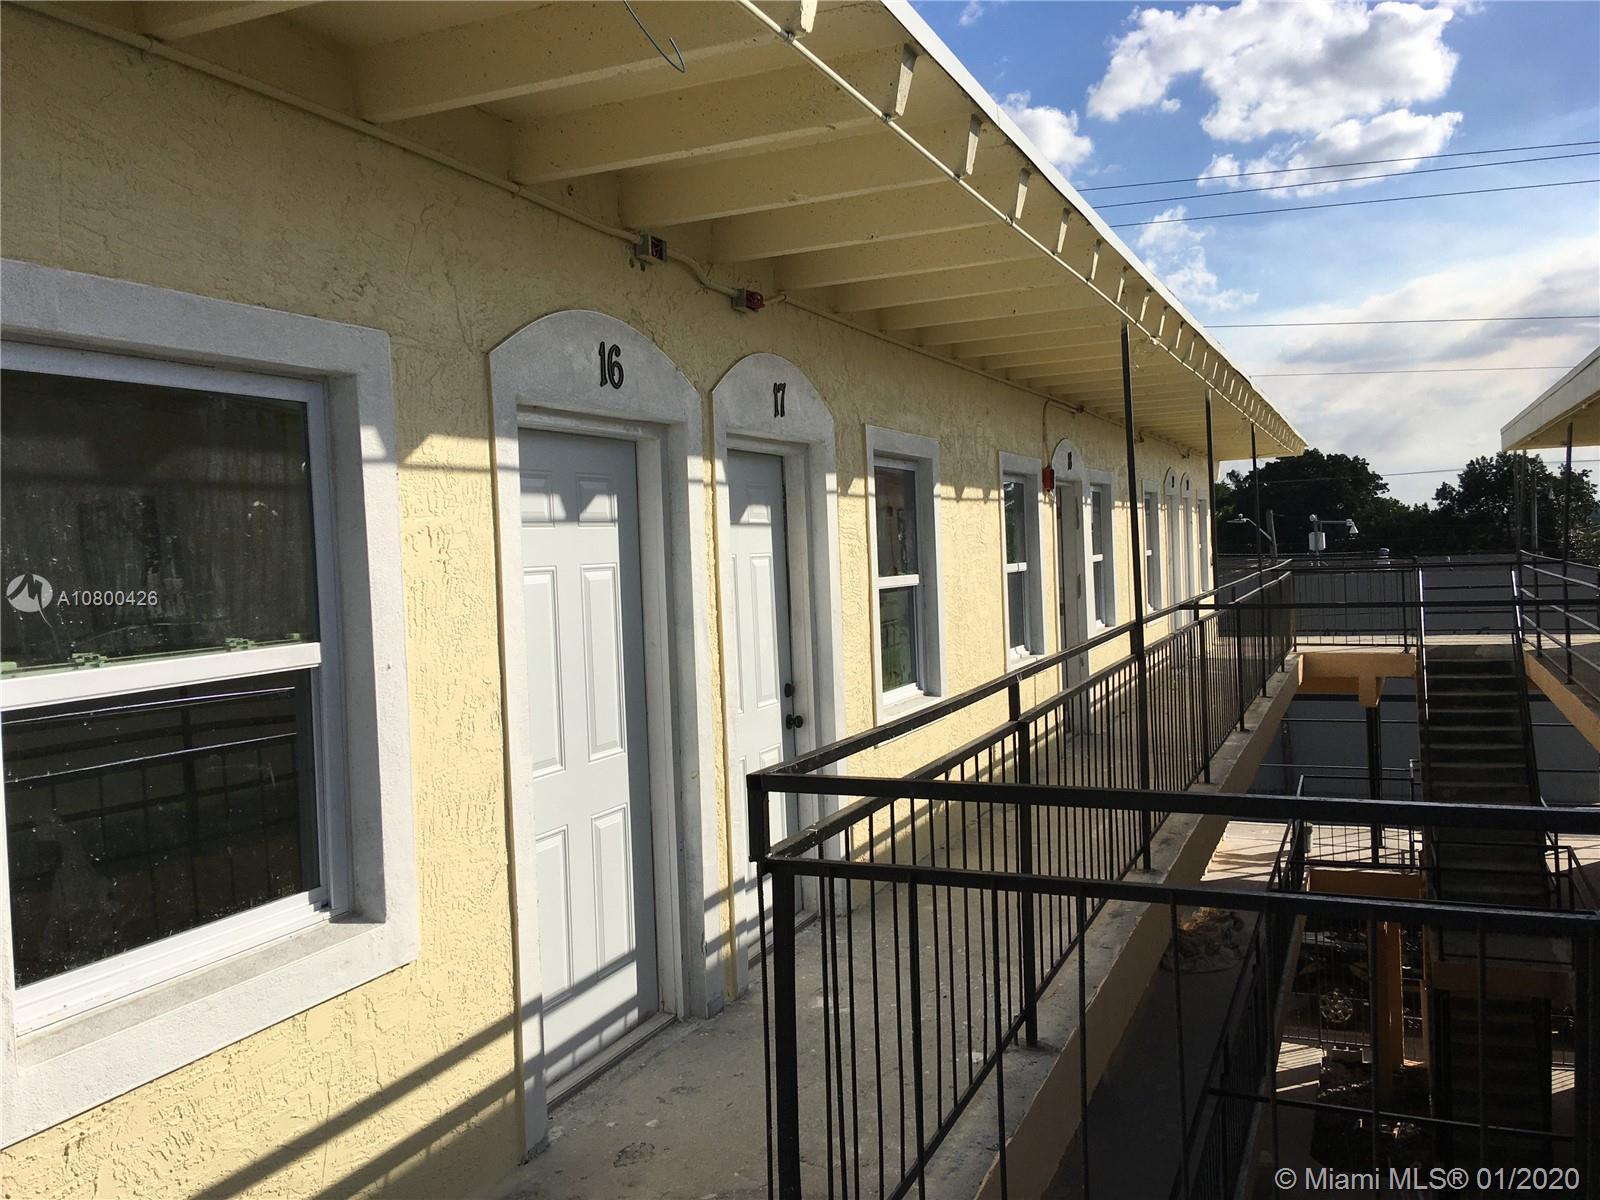 733 W Dr Martin Luther King Jr Blvd W, Belle Glade, FL 33430 - Belle Glade, FL real estate listing